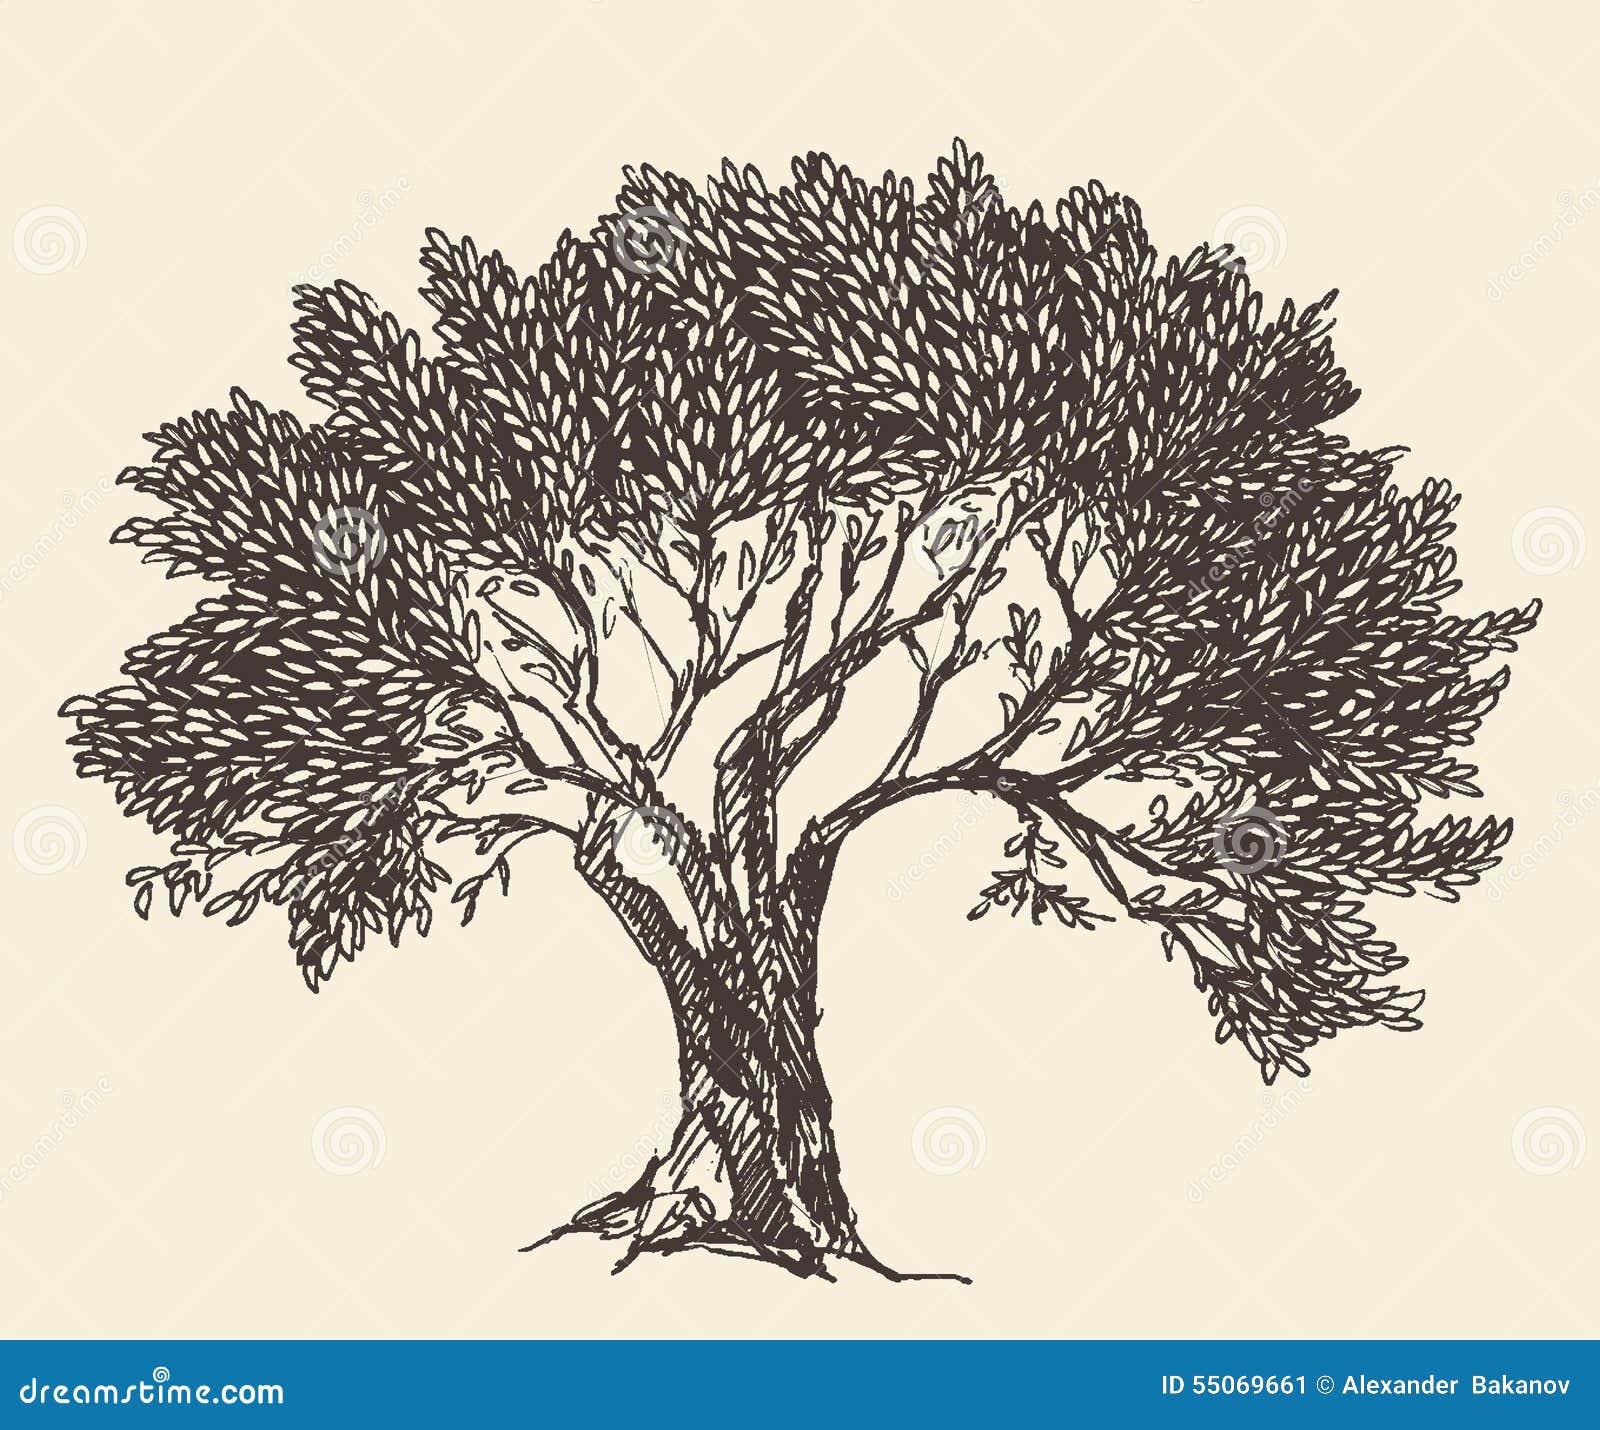 Vintage Olive Engraved Background Illustration Stock Vector Illustration Of Greek Symbol 55069661